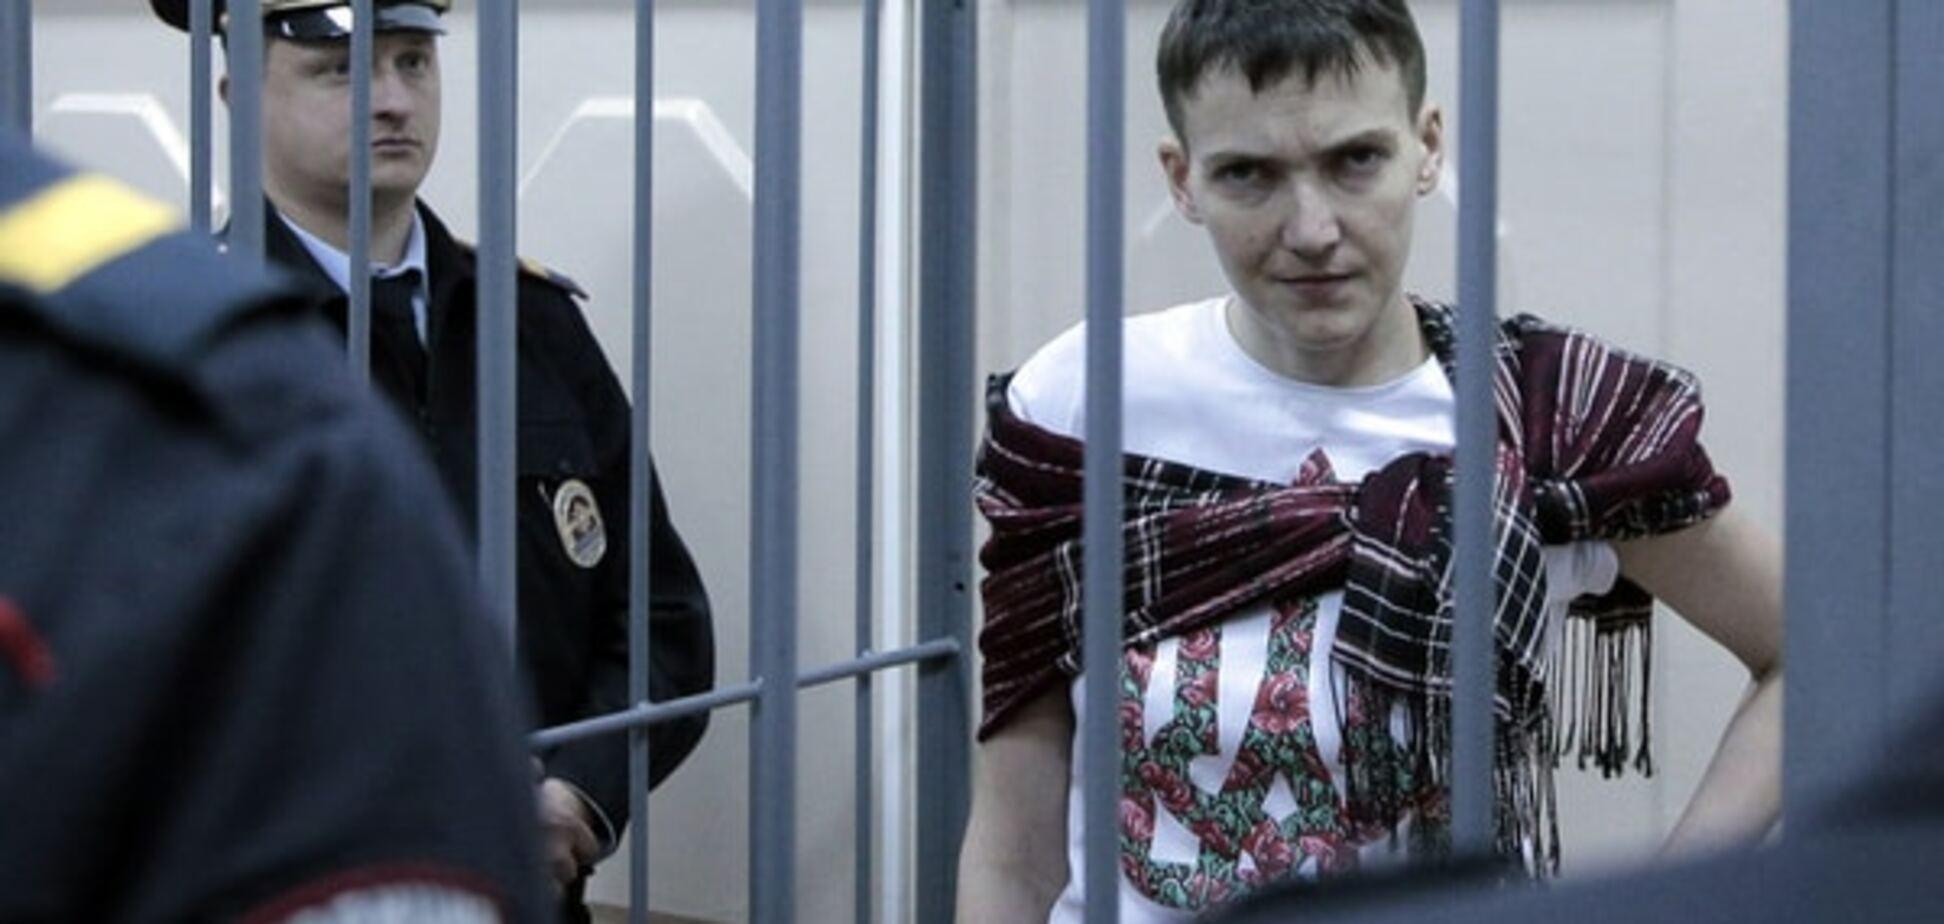 Обмен Савченко на ГРУшников: Тандит объяснил, почему это неправильно